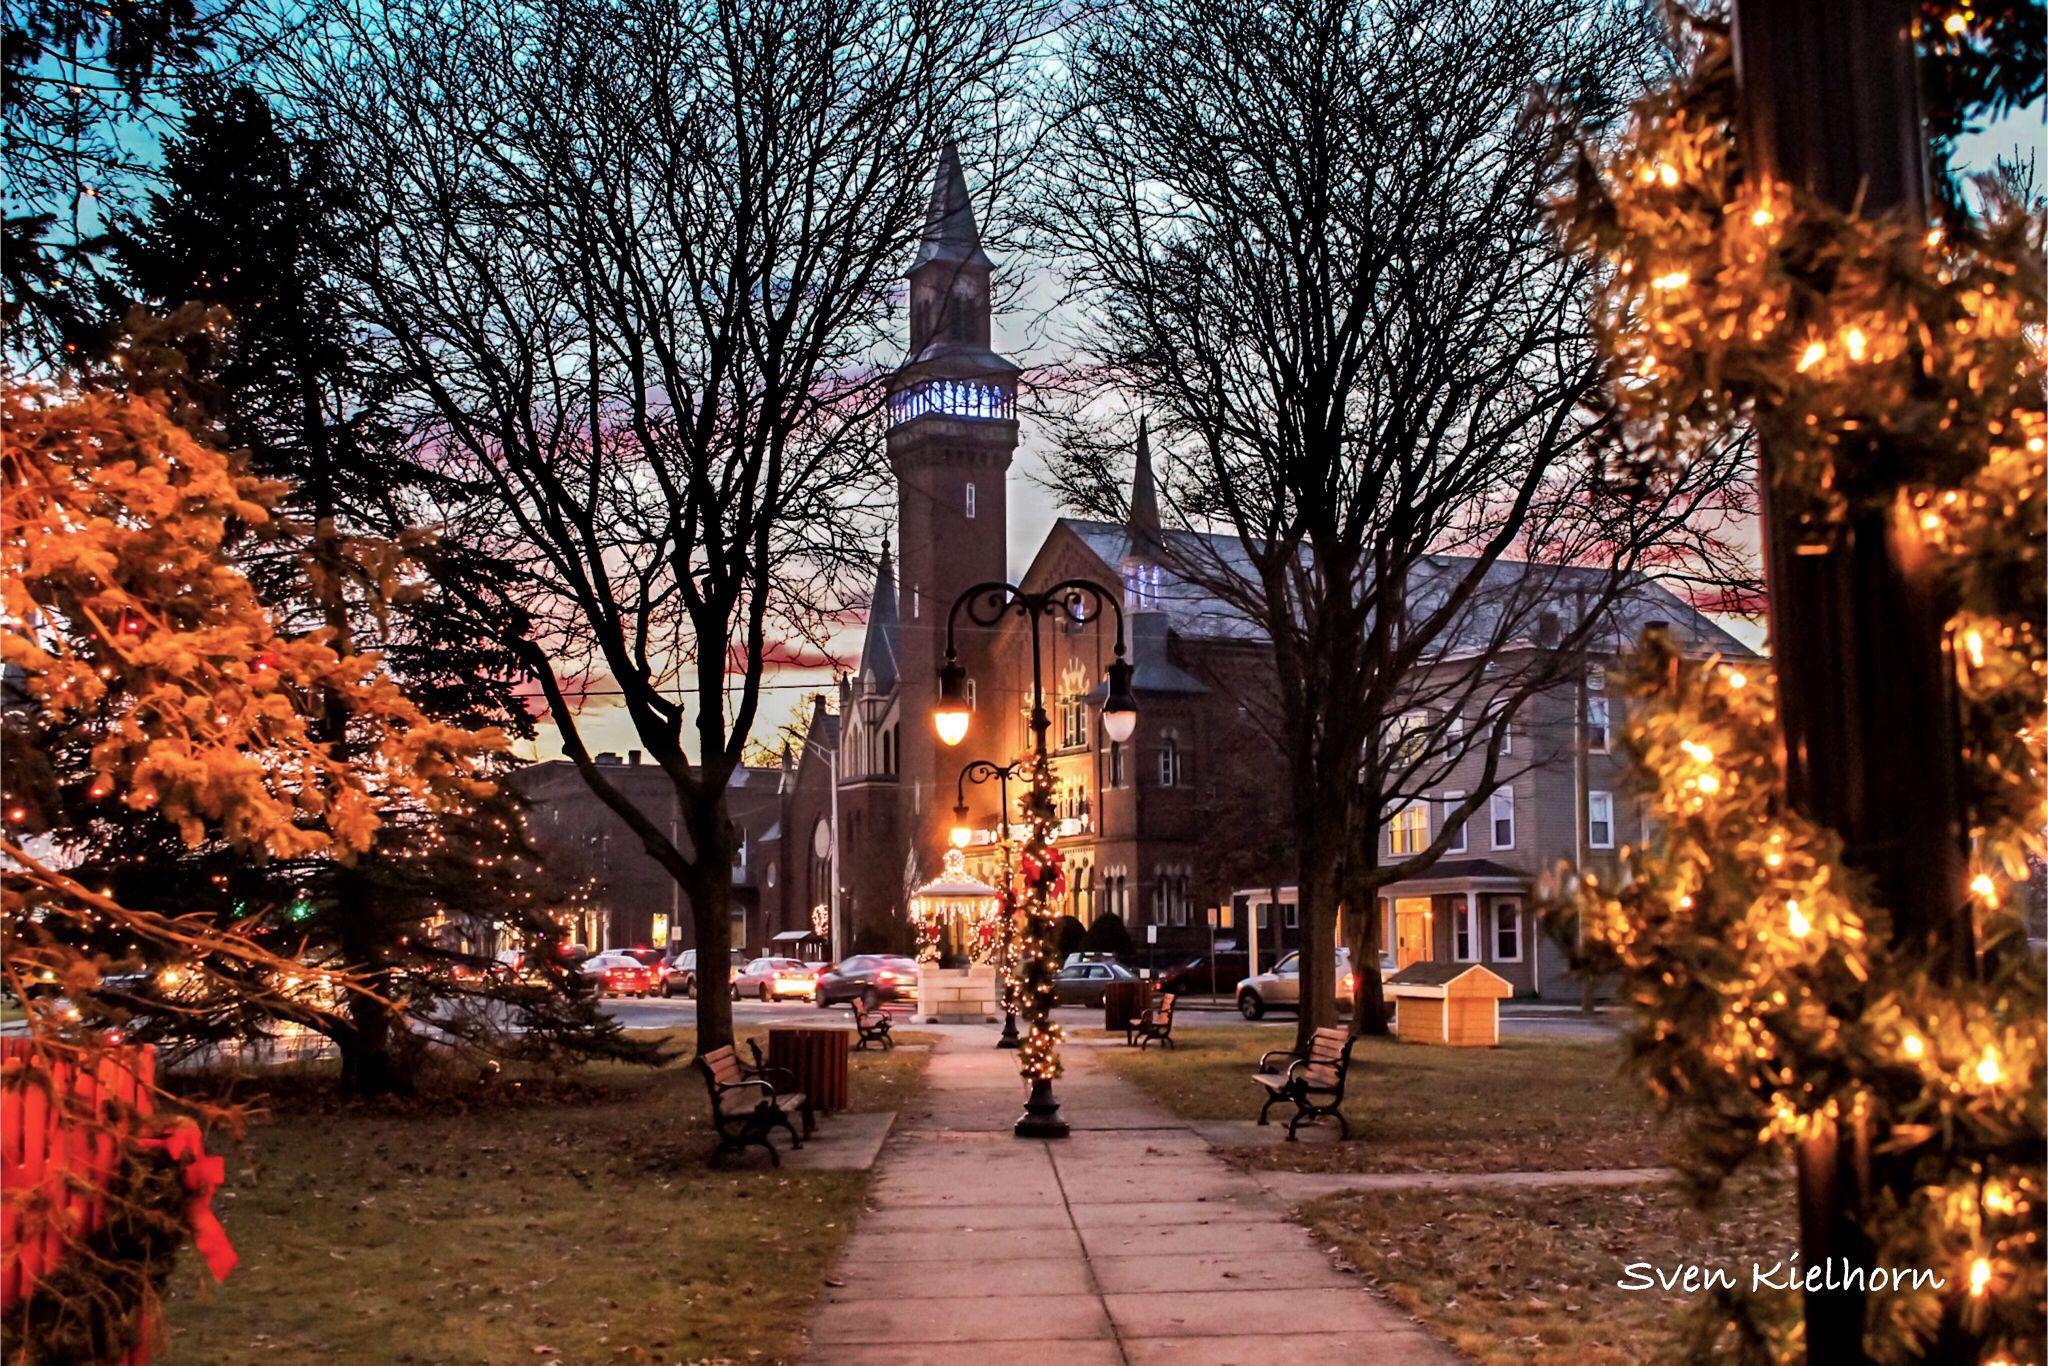 Christmas Lights In Easthampton Ma Christmas Aesthetic Easthampton Christmas Lights